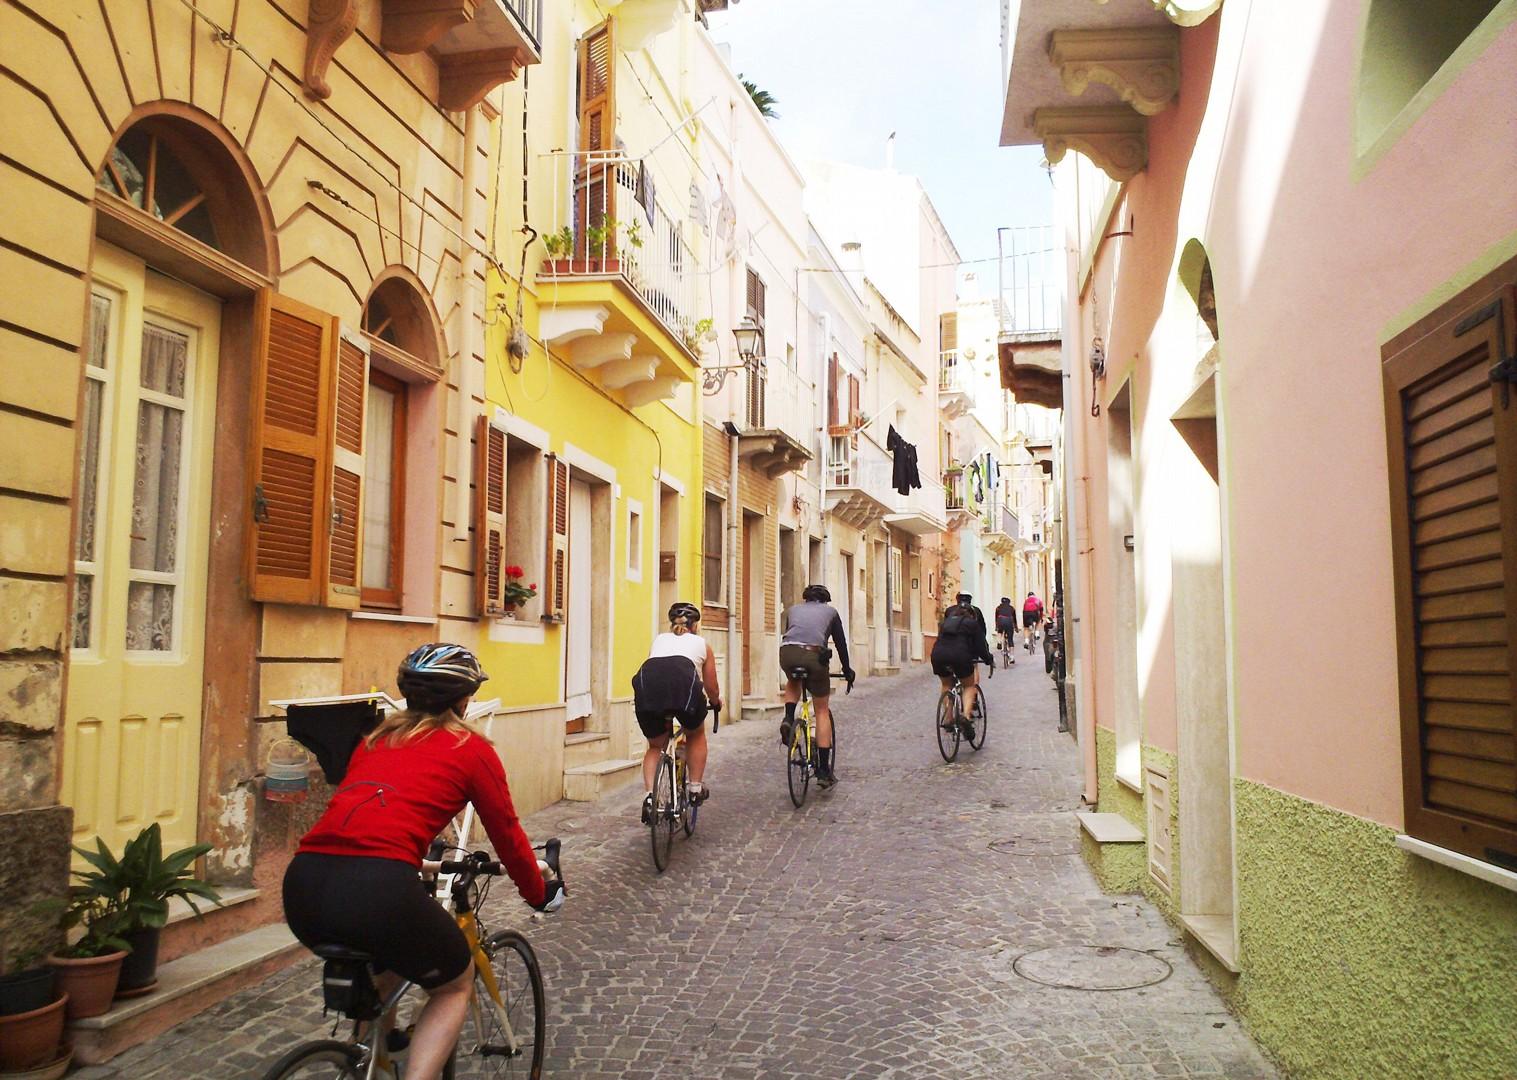 Road-Cycling-Holiday-Coastal-Explorer-Sardinia-Italy-Alghero-to-Bosa.jpg - Italy - Net Trade Rate - Coastal TranSardinia - Self-Guided Road Cycling Holiday - Italia Road Cycling